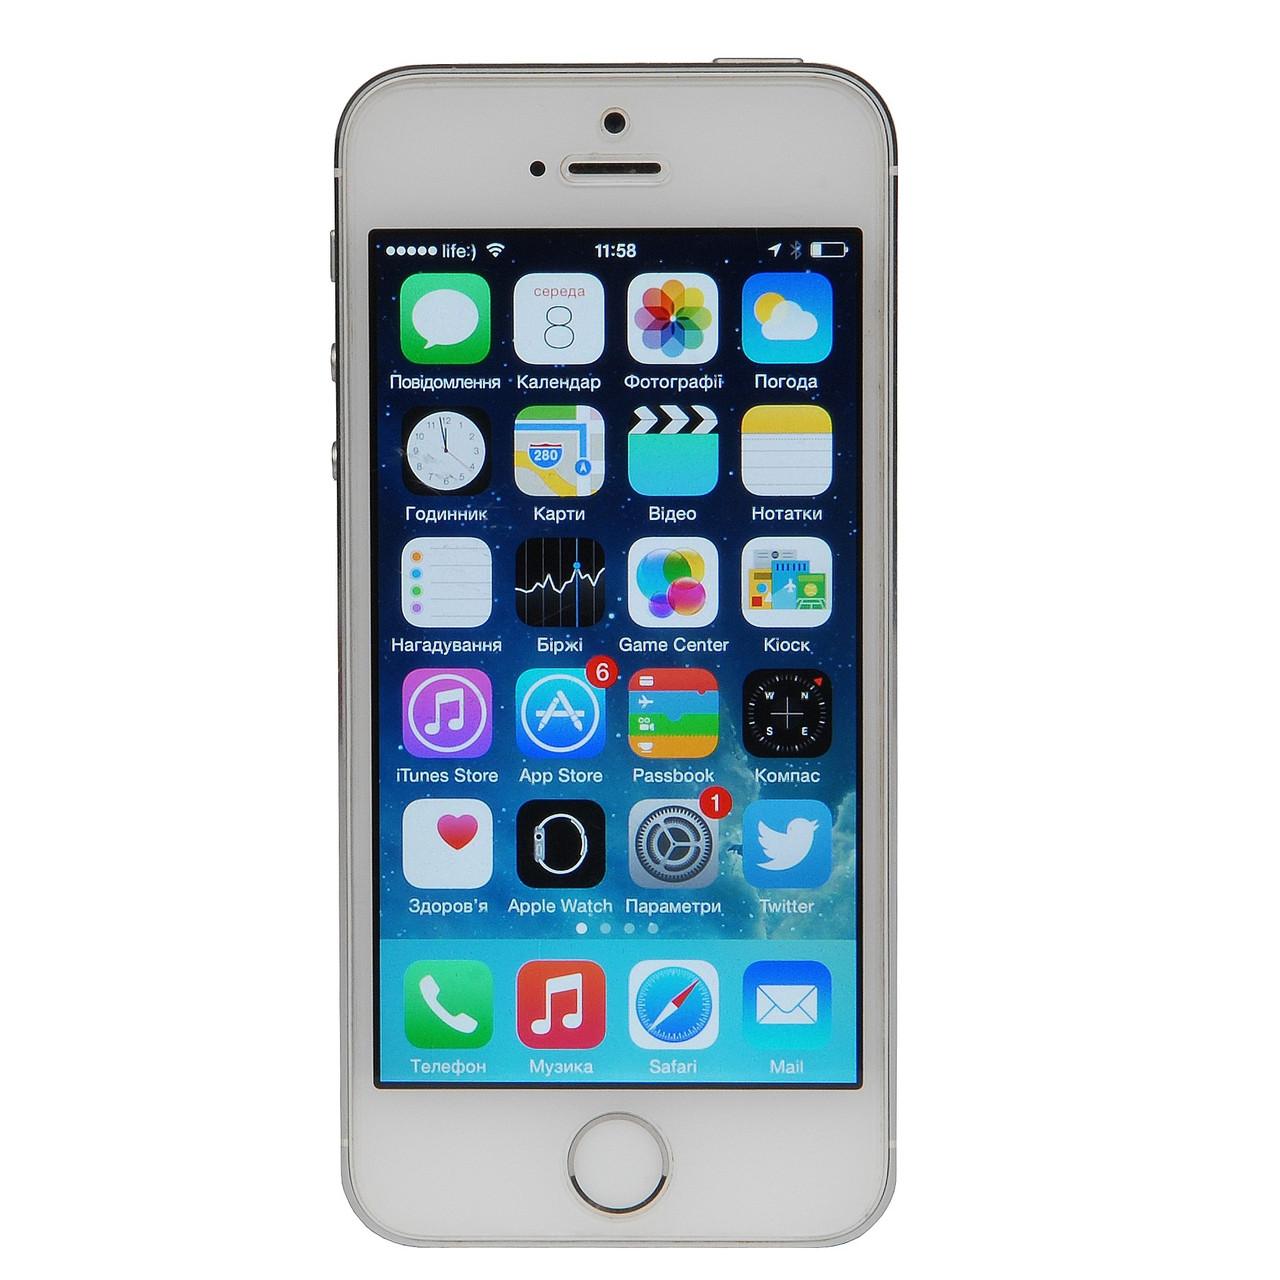 куплю iphone 5s харьков